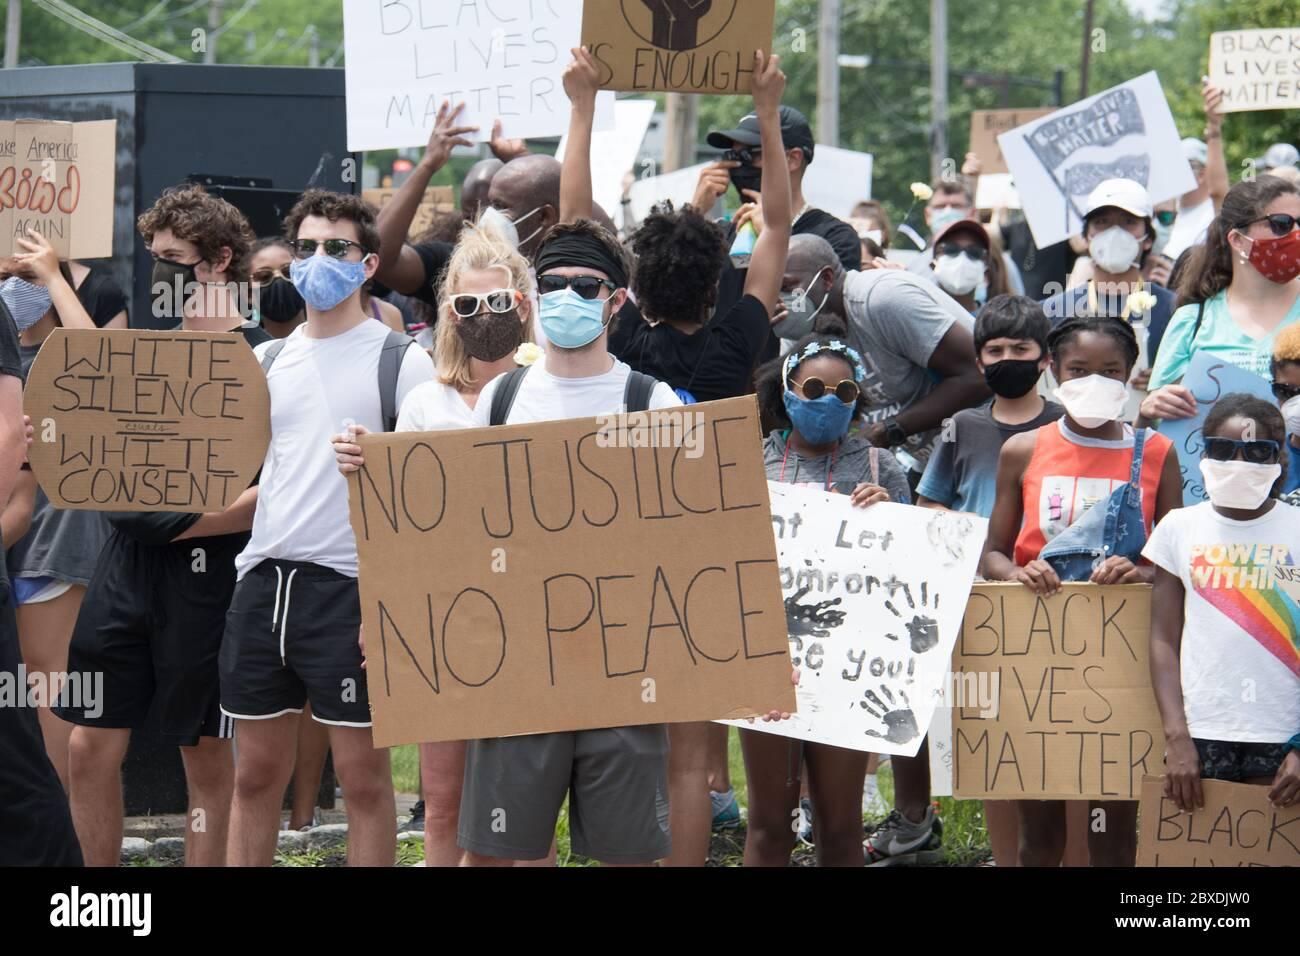 06 juin 2020 - Newtown, Pennsylvanie, États-Unis - BLM, Black Lives Matter Protest, manifestation après le meurtre de George Floyd à Minneapolis. Banque D'Images